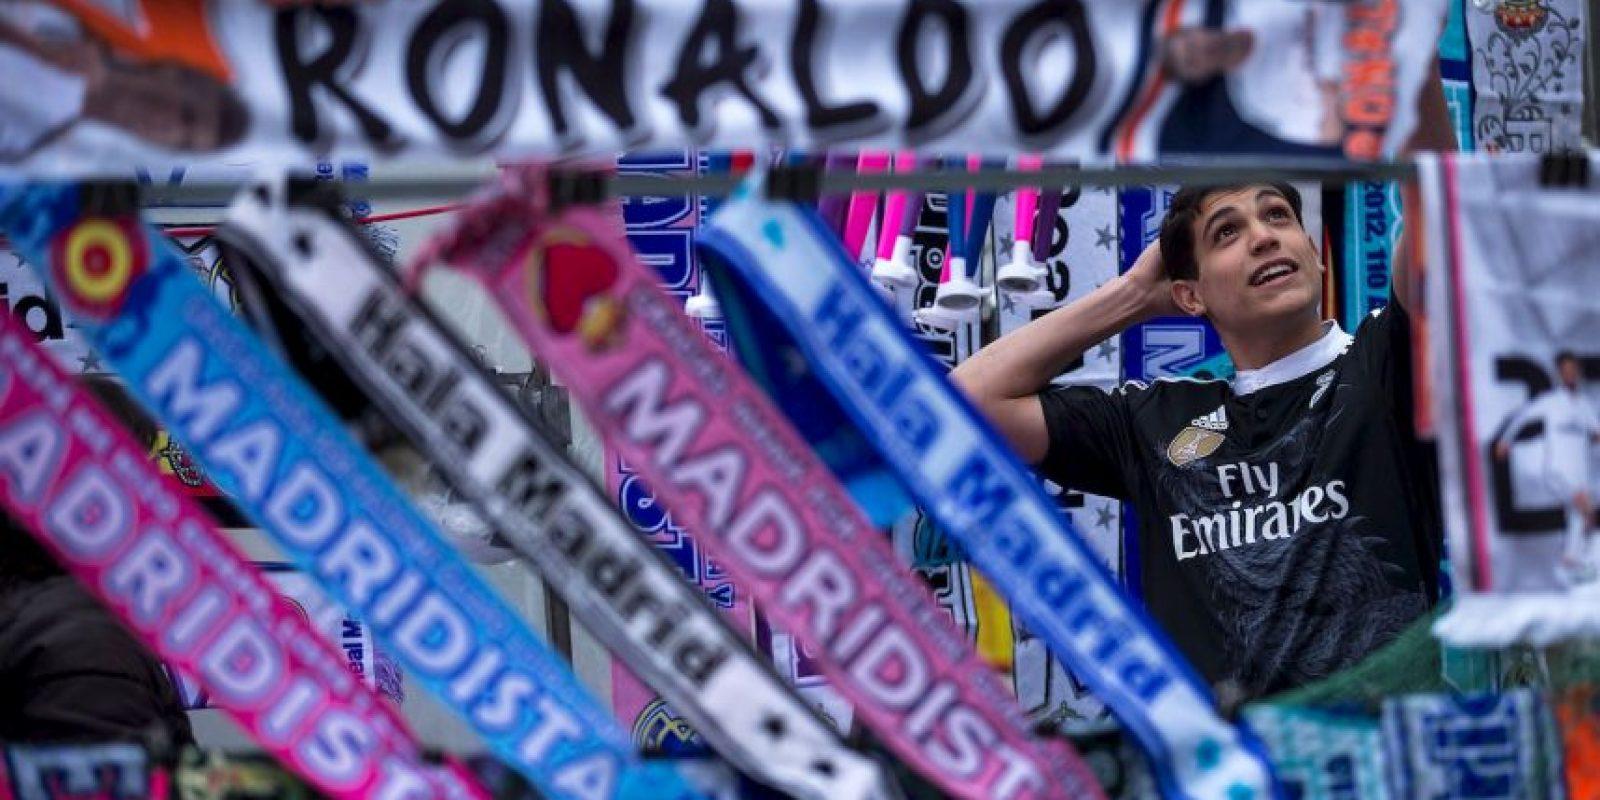 Sergio Ramos, defensa del equipo, fue el único que se acercó a dialogar con el aficionado molesto. Foto:Getty Images